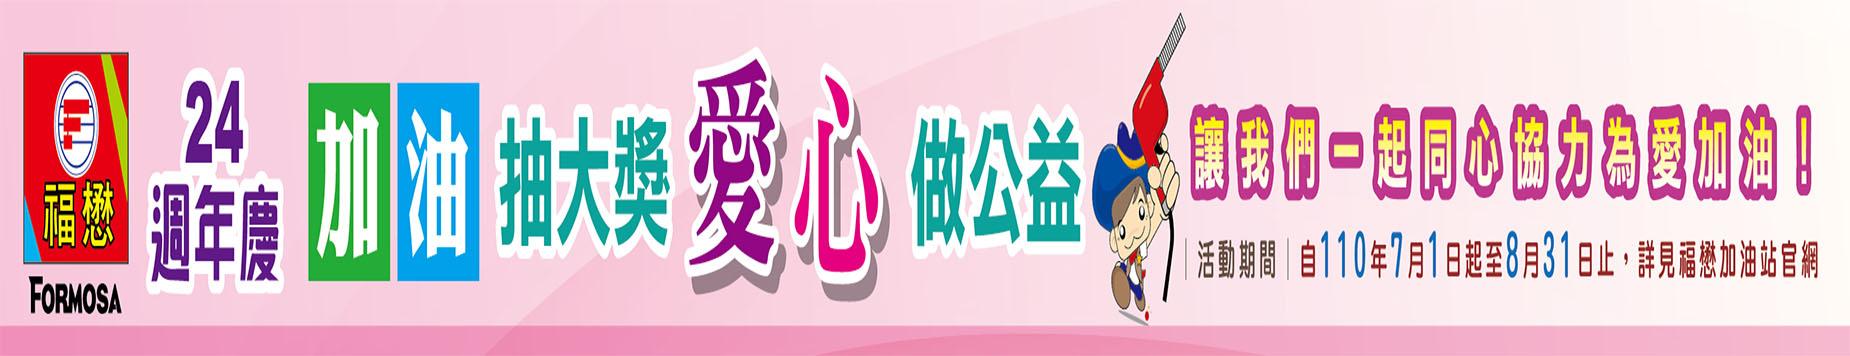 福懋加油公益